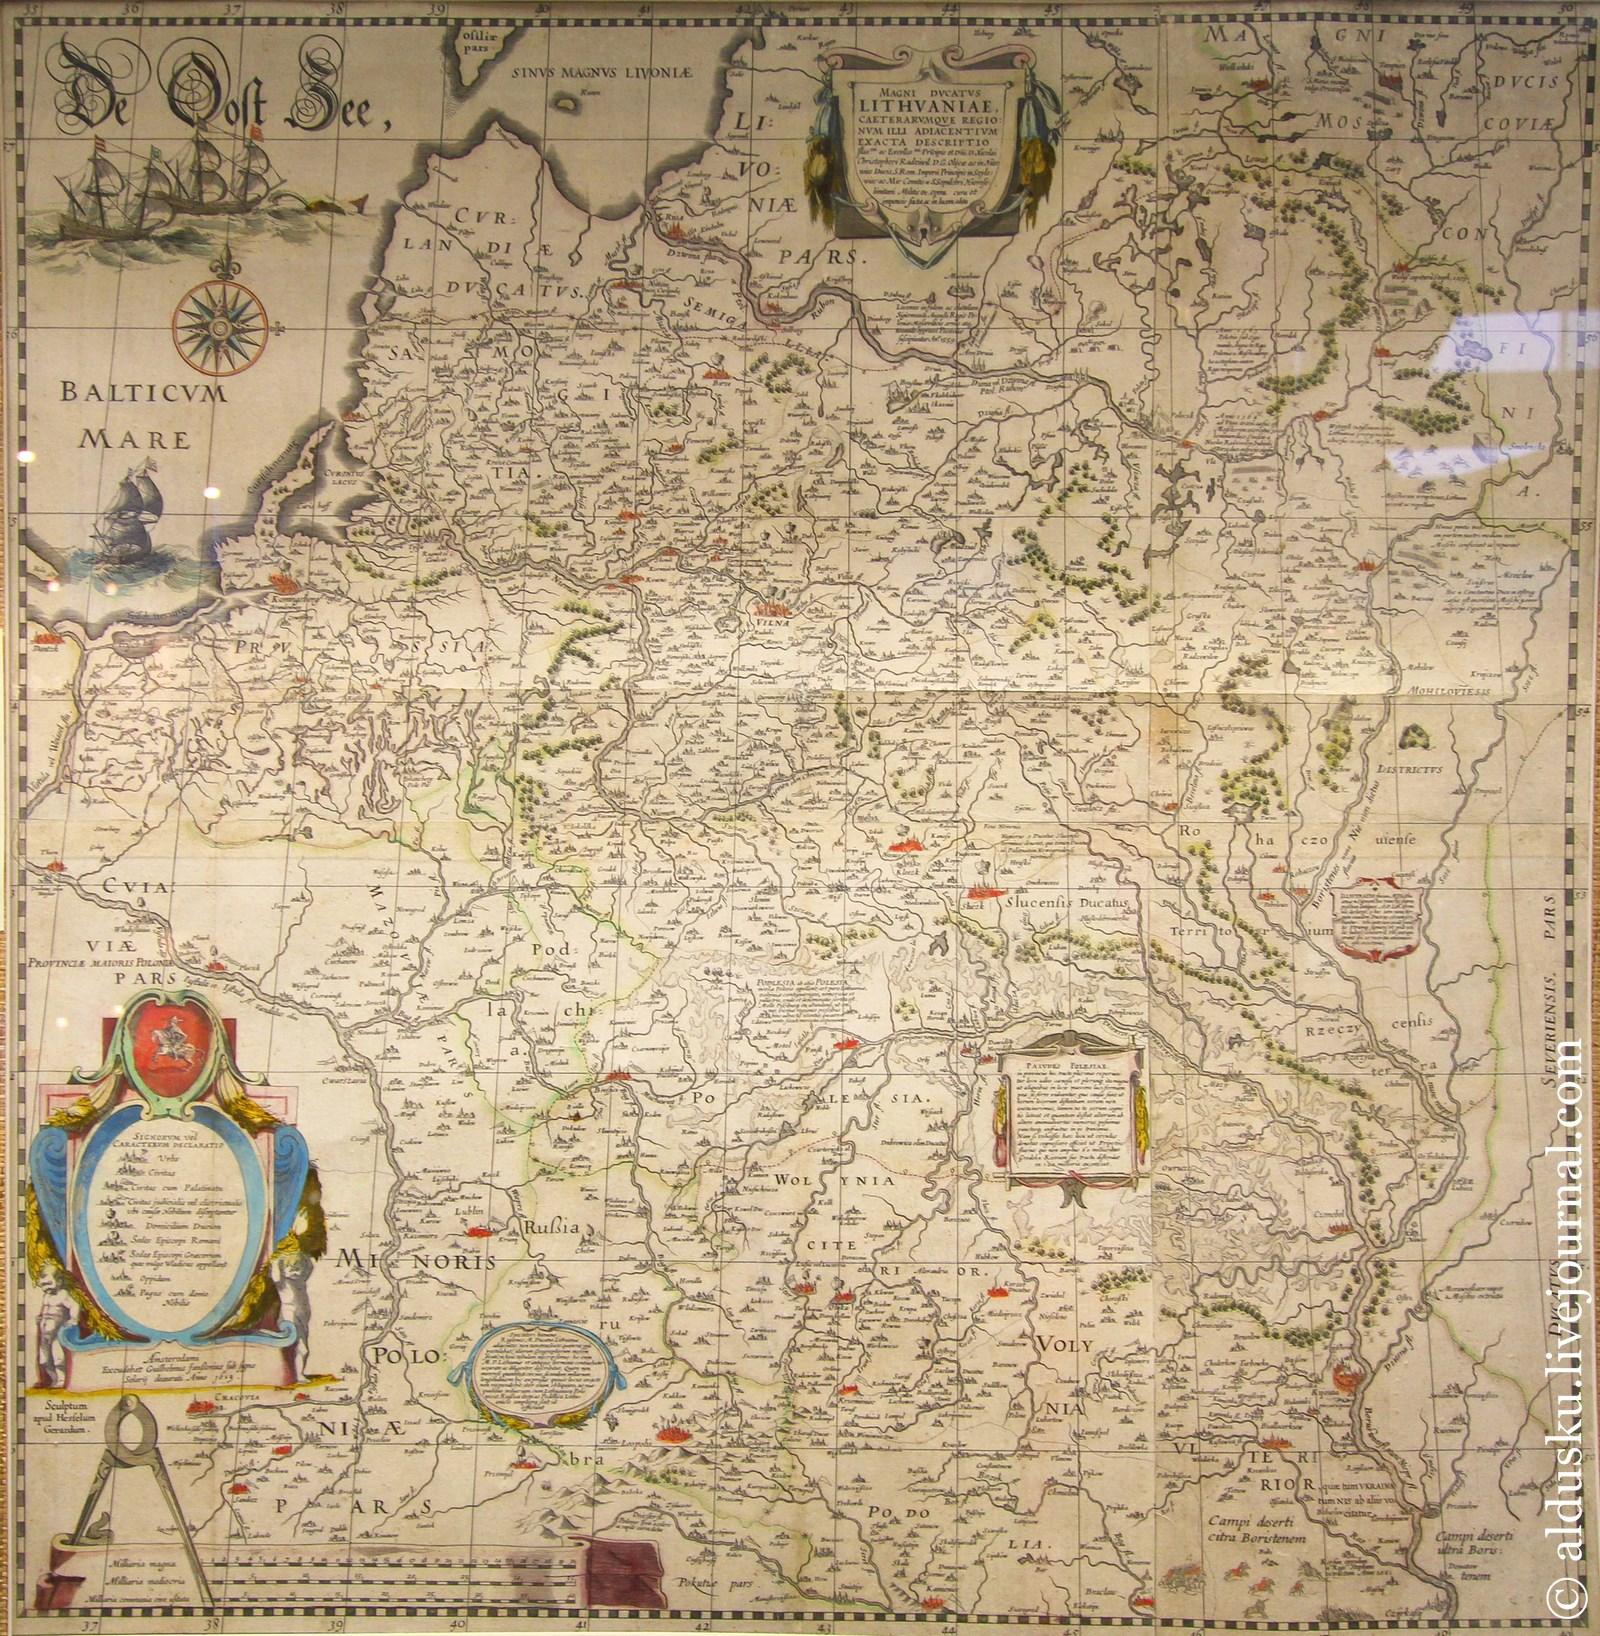 Magni Ducatus Lithuaniae, caeterarumque regio, num illi adiacentium exacta descriptio. Amsterodami: G. Janssonius, 1640. Карта великого княжества Литовского. Амстердам. 1640